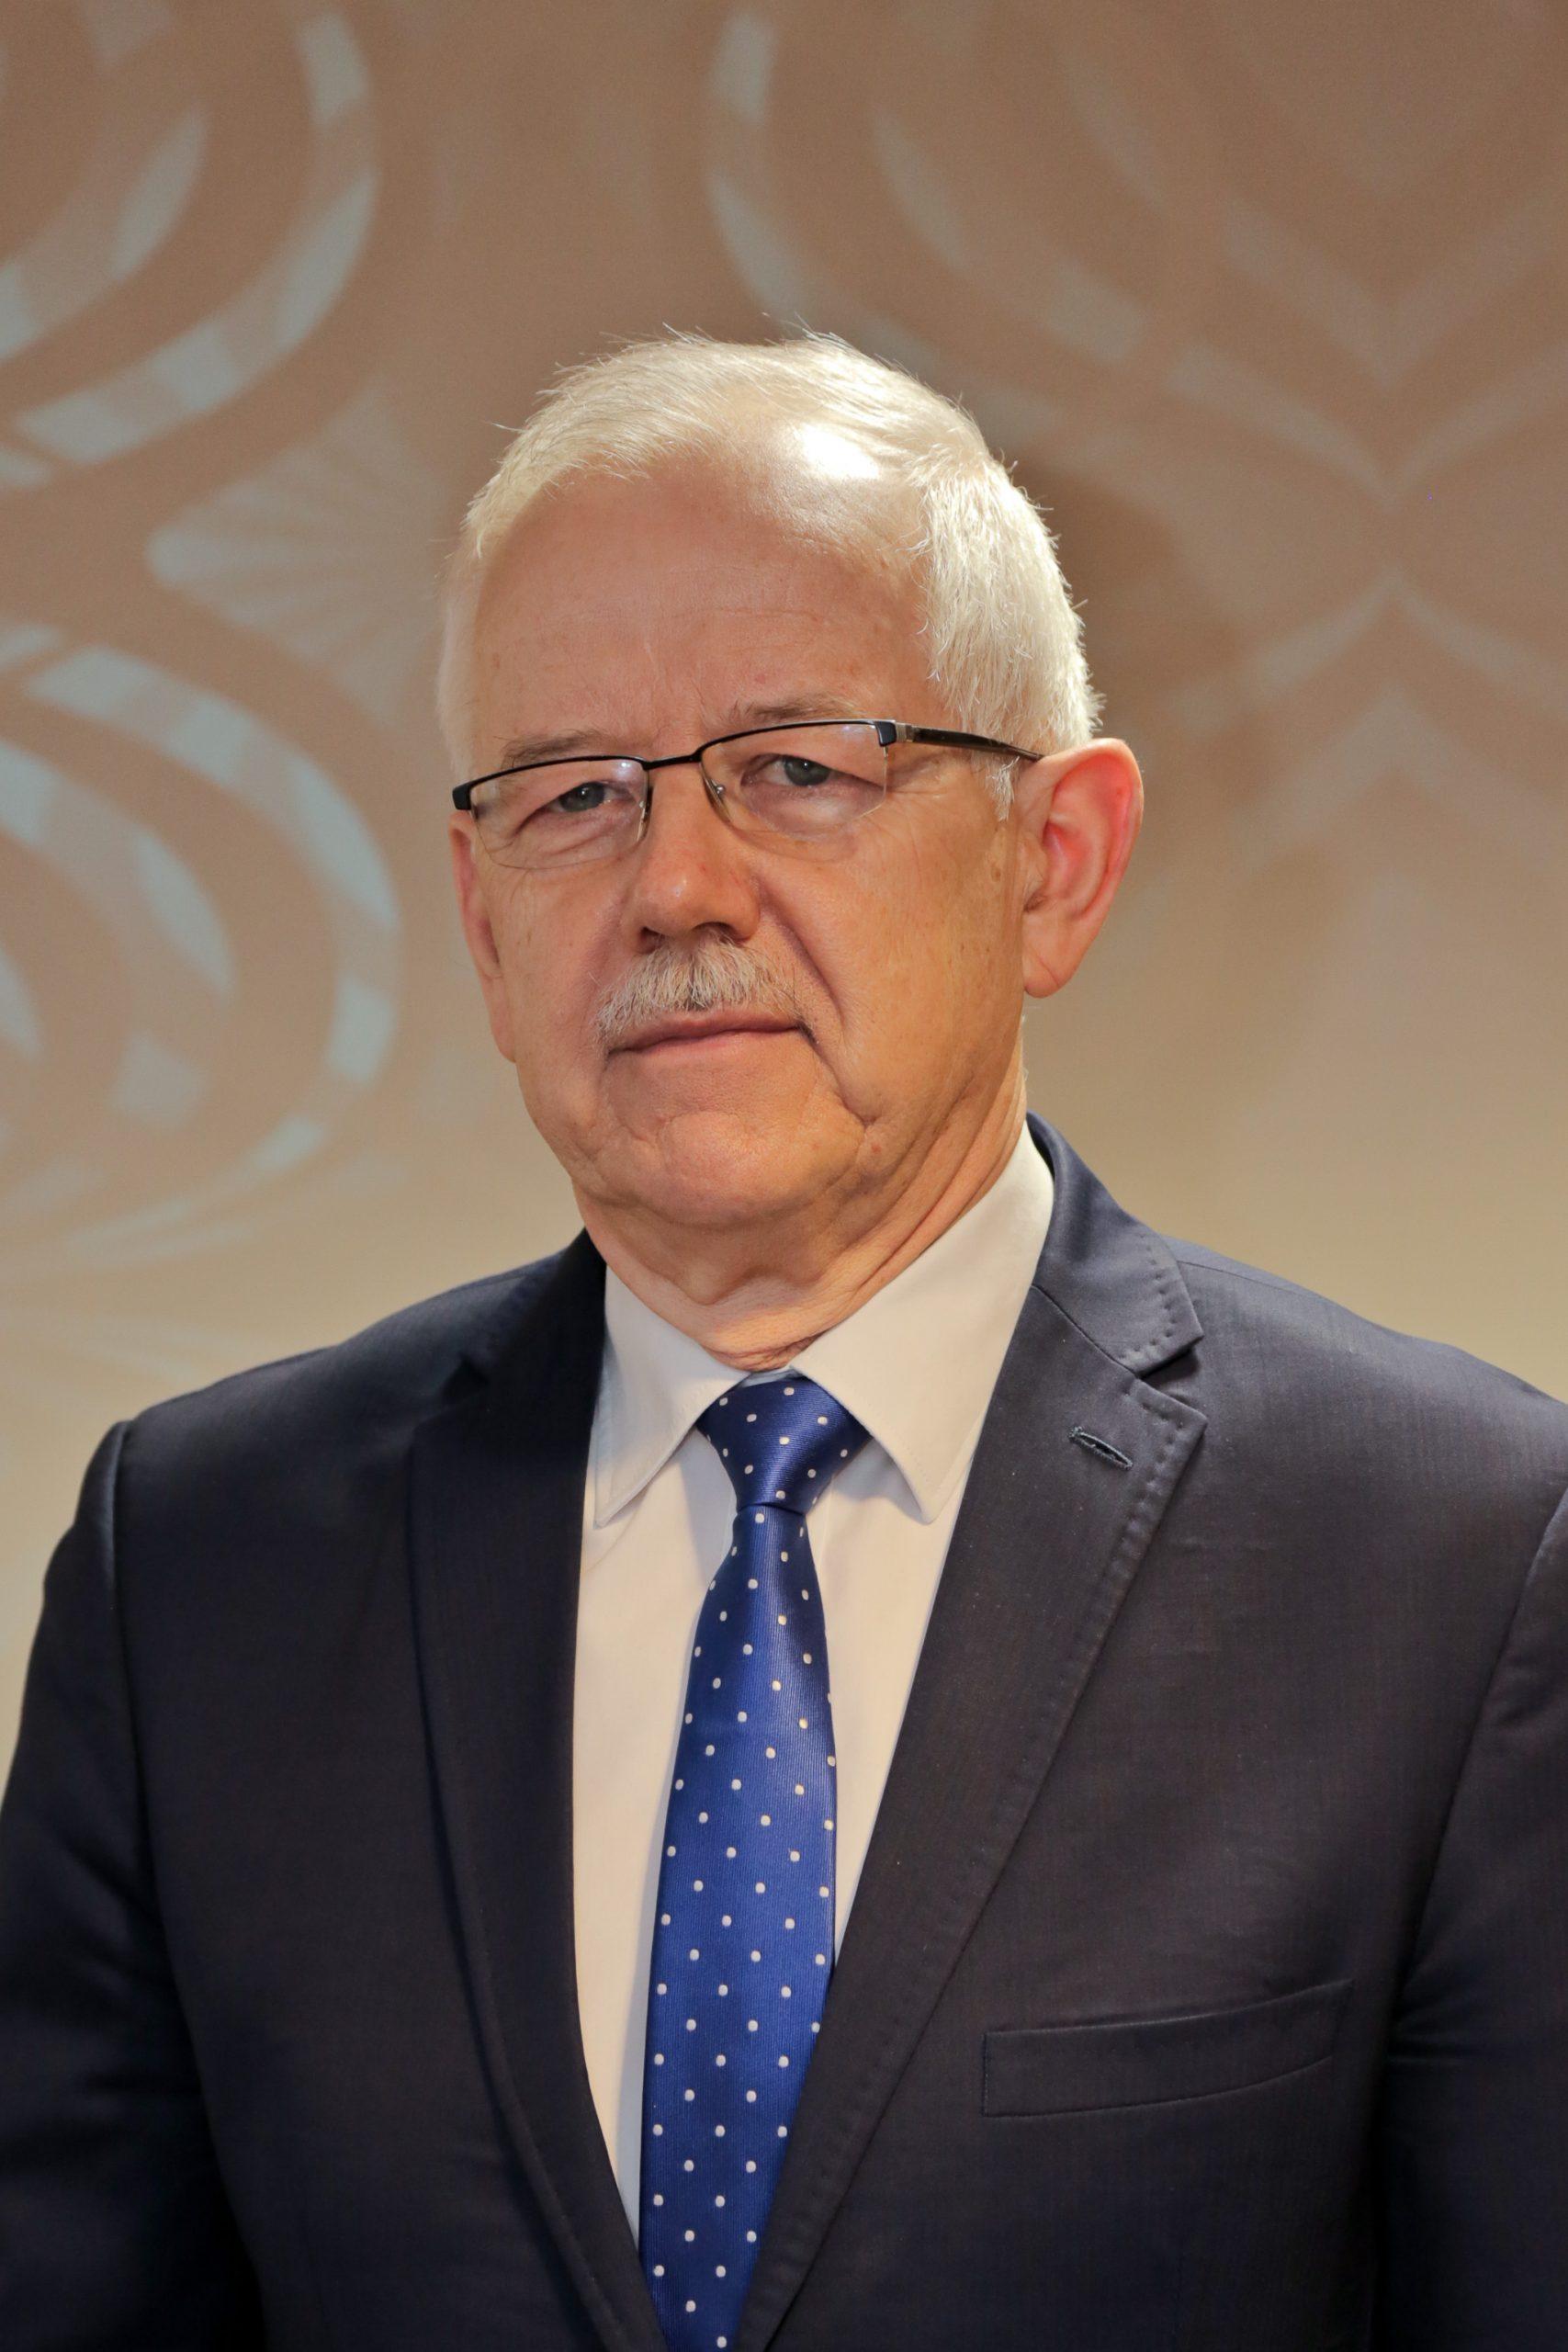 prof. dr hab. n. med. Janusz Kowalewski